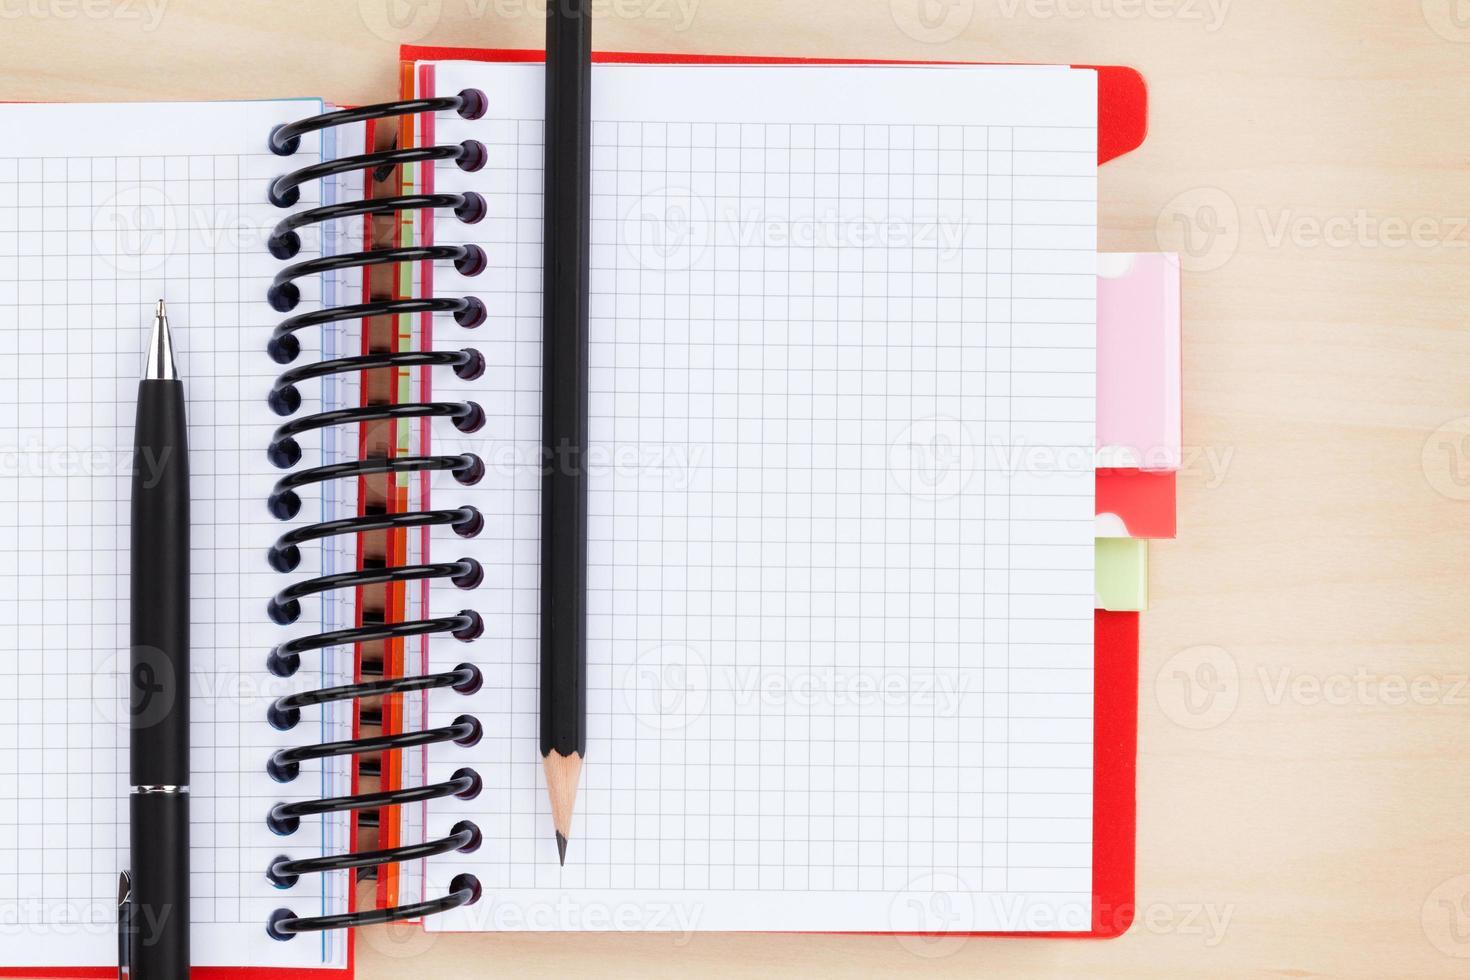 tavolo da ufficio con blocco note vuoto, penna e matita foto